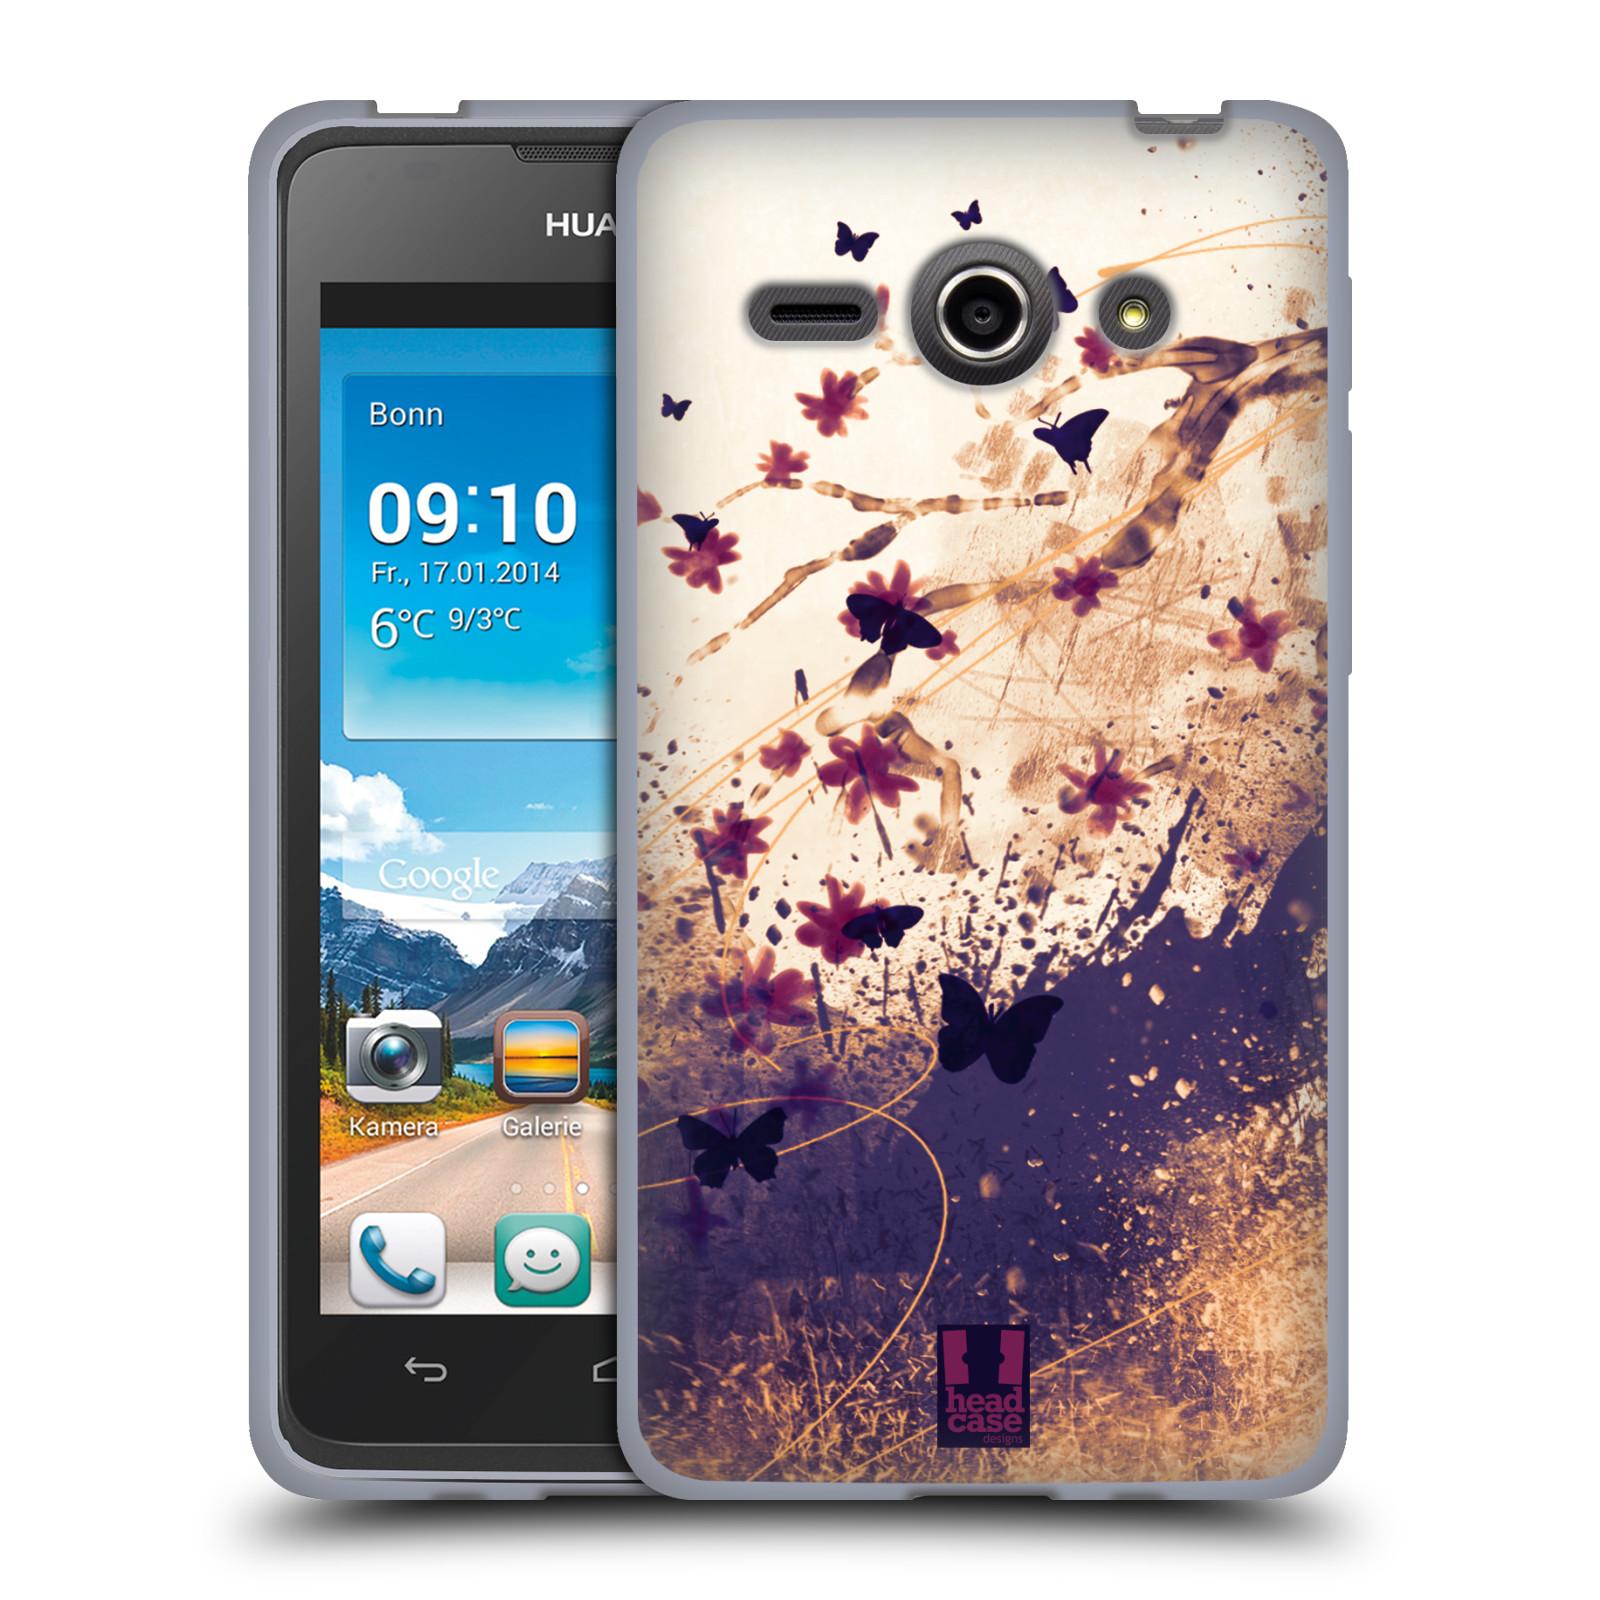 Silikonové pouzdro na mobil Huawei Ascend Y530 HEAD CASE MOTÝLCI (Silikonový kryt či obal na mobilní telefon Huawei Ascend Y530)